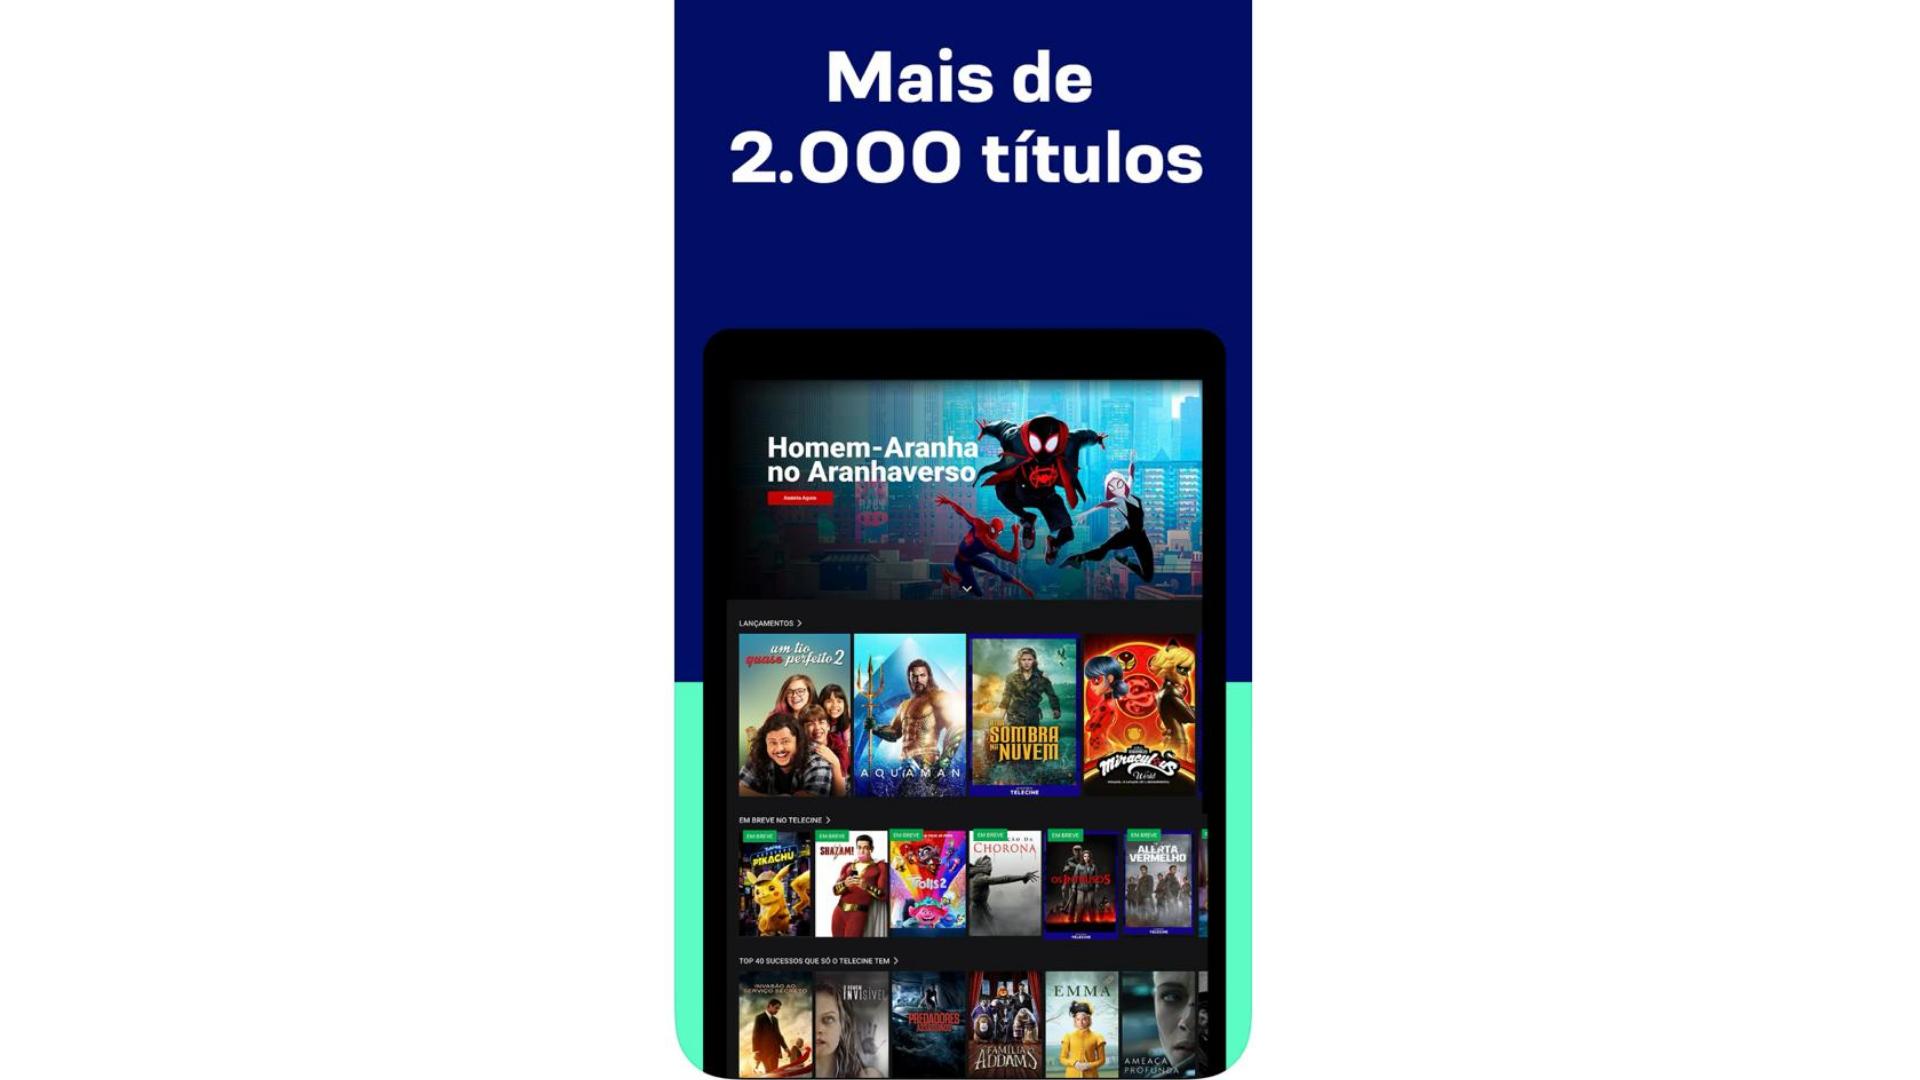 Telecine Play: veja como assistir com ajuda do Chromecast, TV box, espelhamento de tela e do notebook. (Imagem: Captura de tela/Telecine)